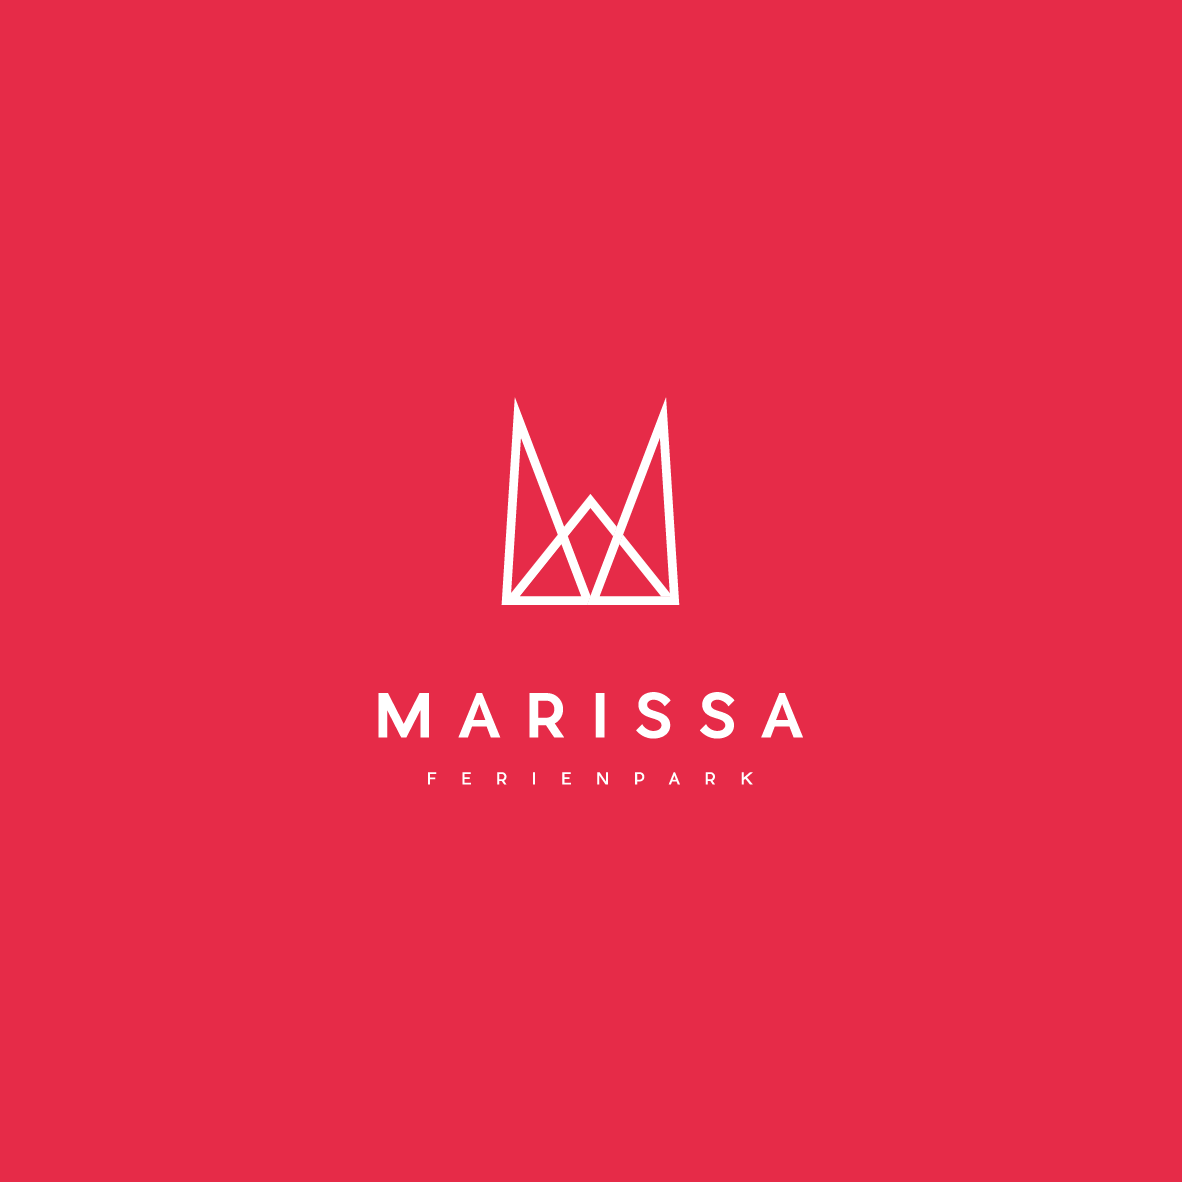 21_MARISSA.png